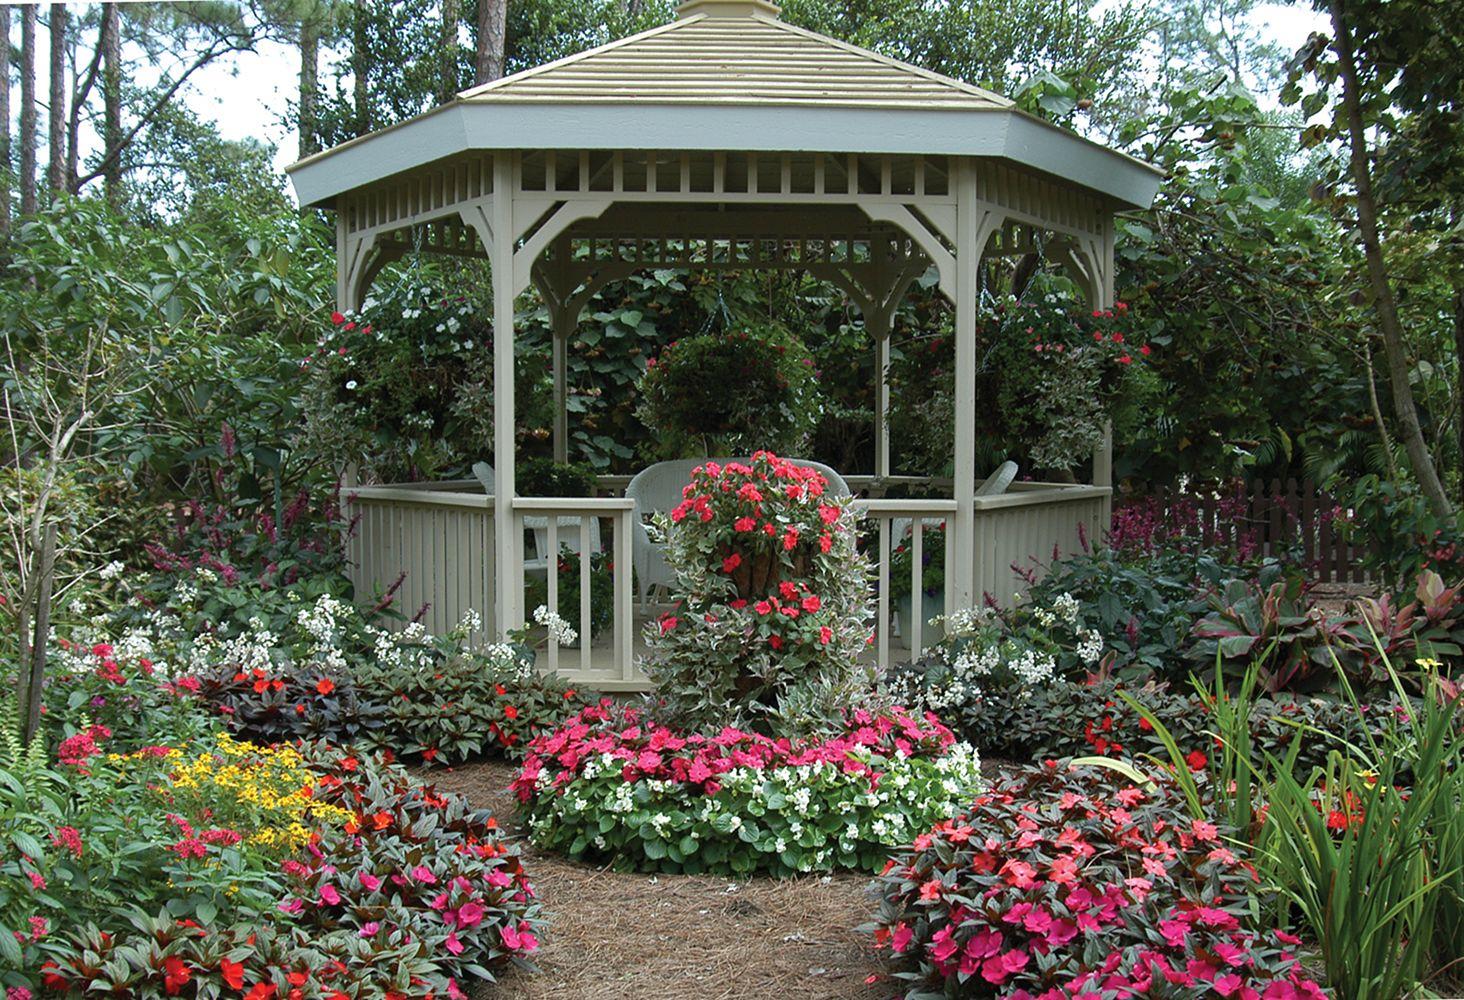 Backyard Flower Garden With Gazebo 8